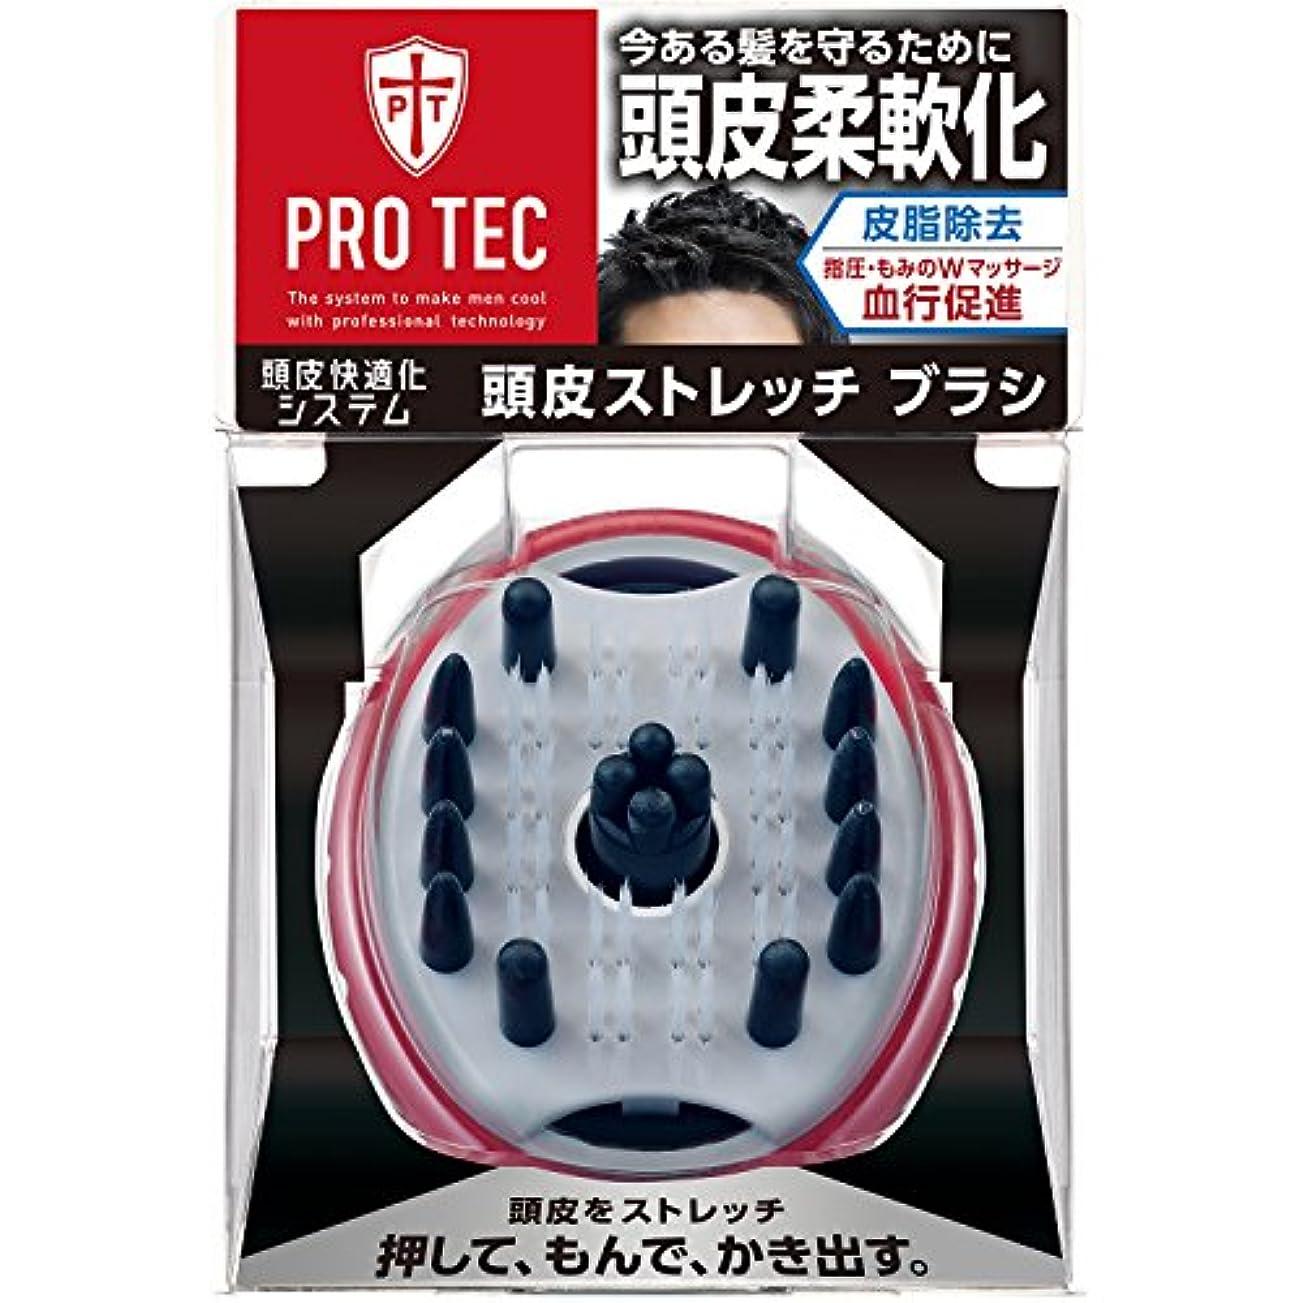 ケント準備するめまいがPRO TEC(プロテク) ウォッシングブラシ 頭皮ストレッチタイプ